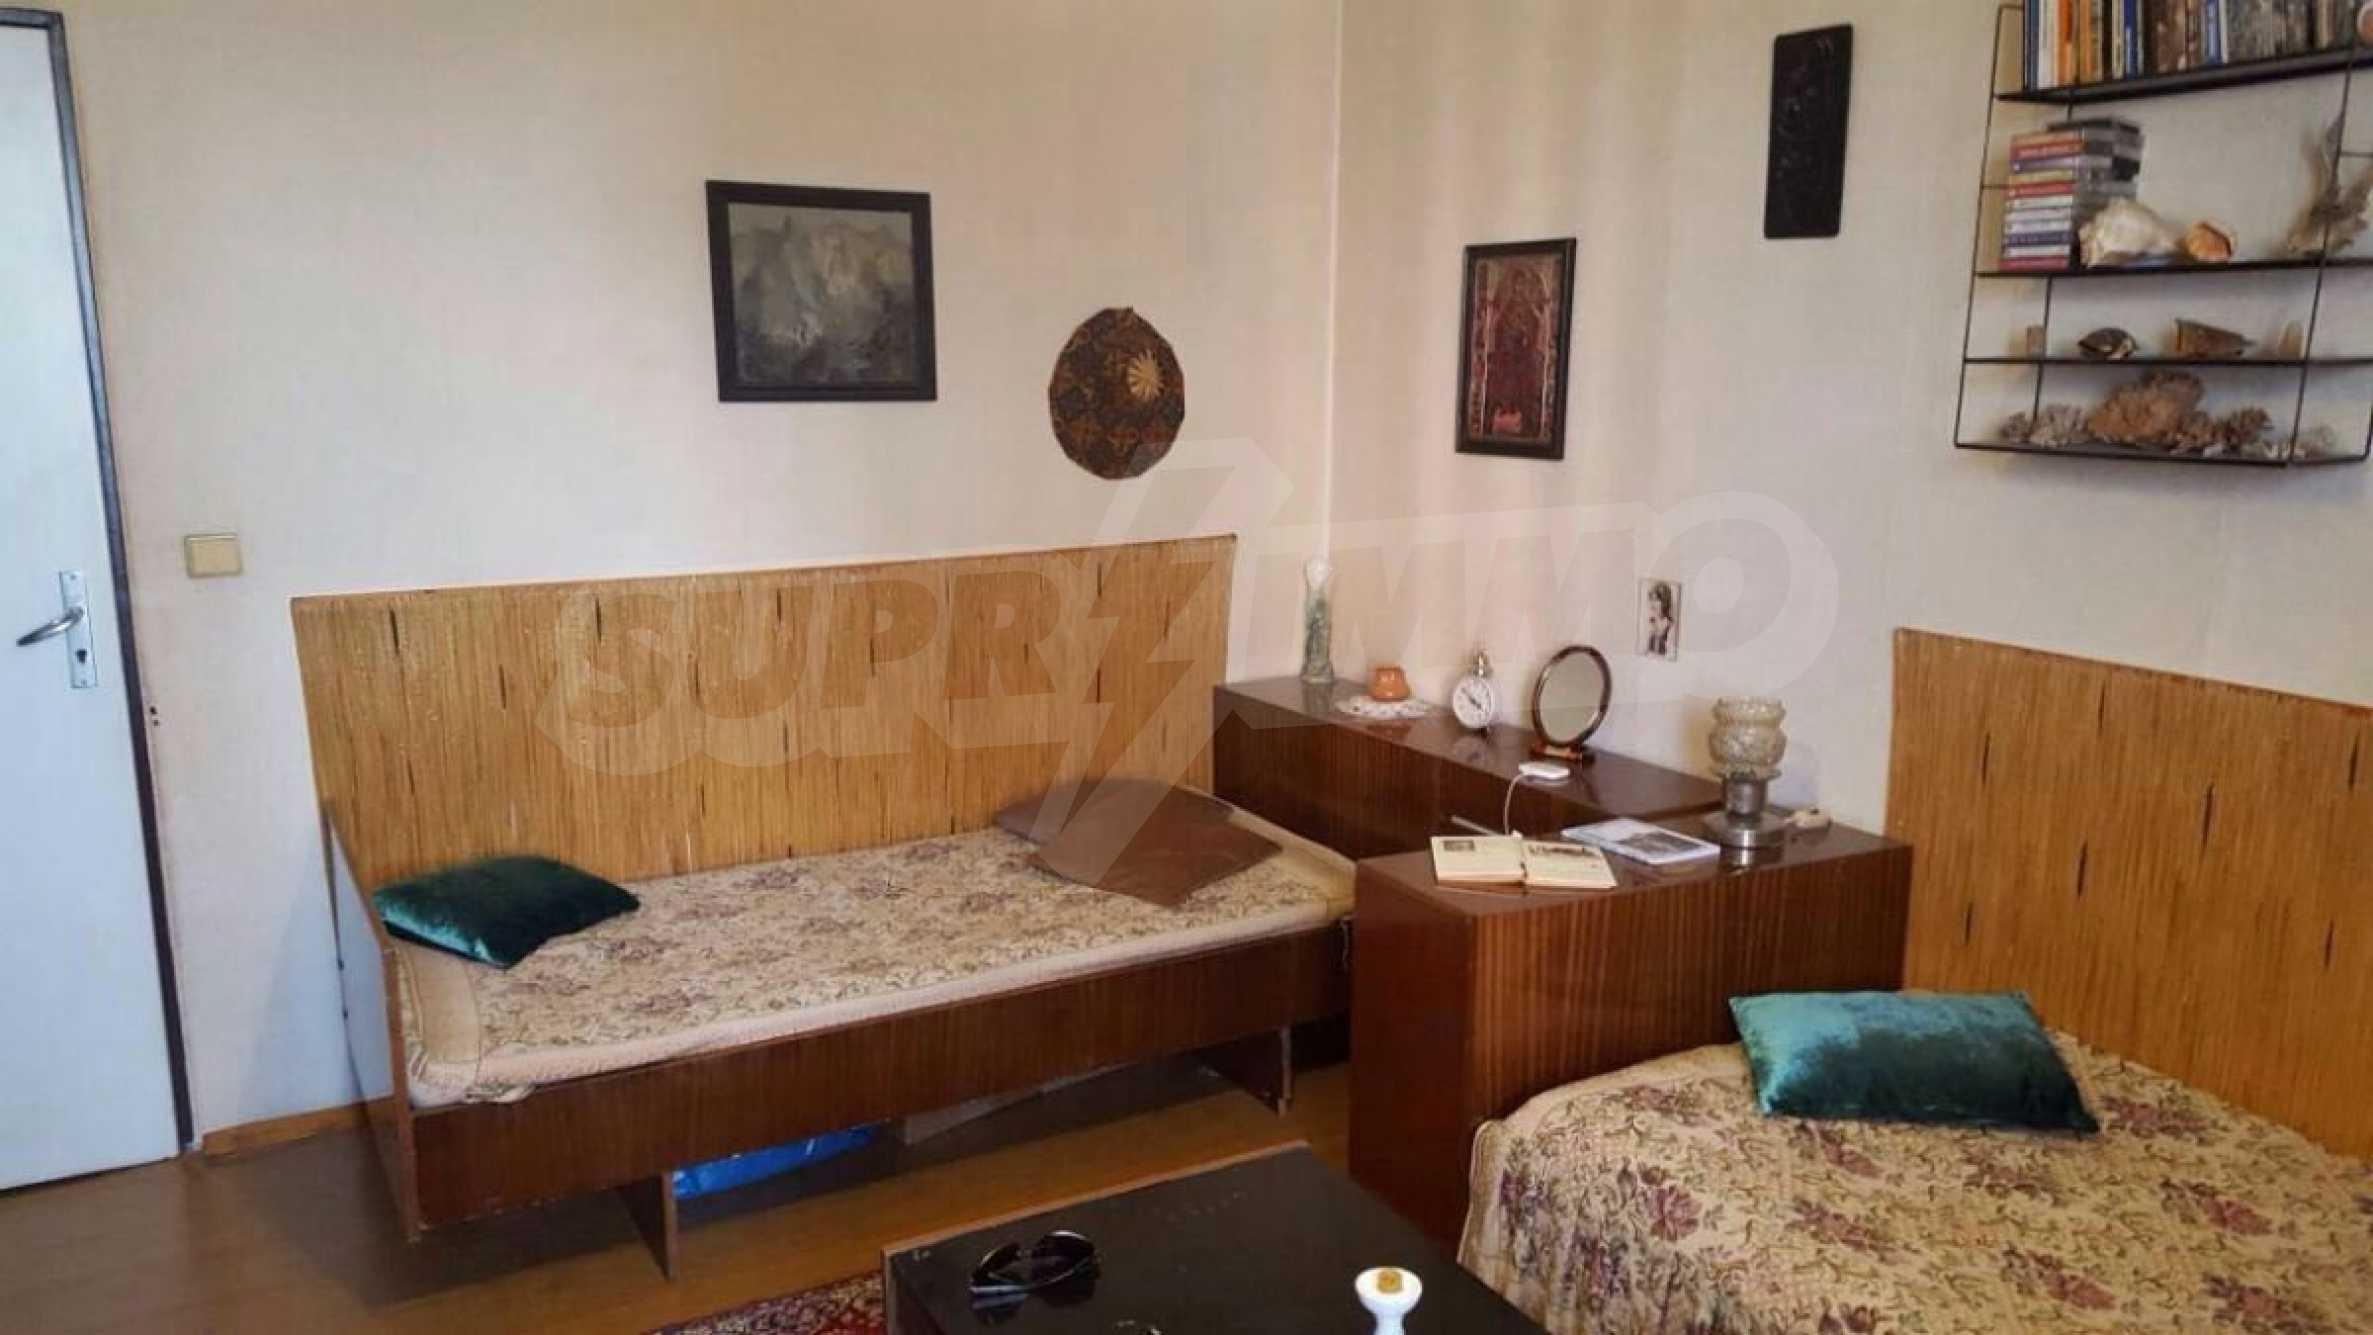 Двустаен апартамент с разширение в близост до центъра на град Видин 4